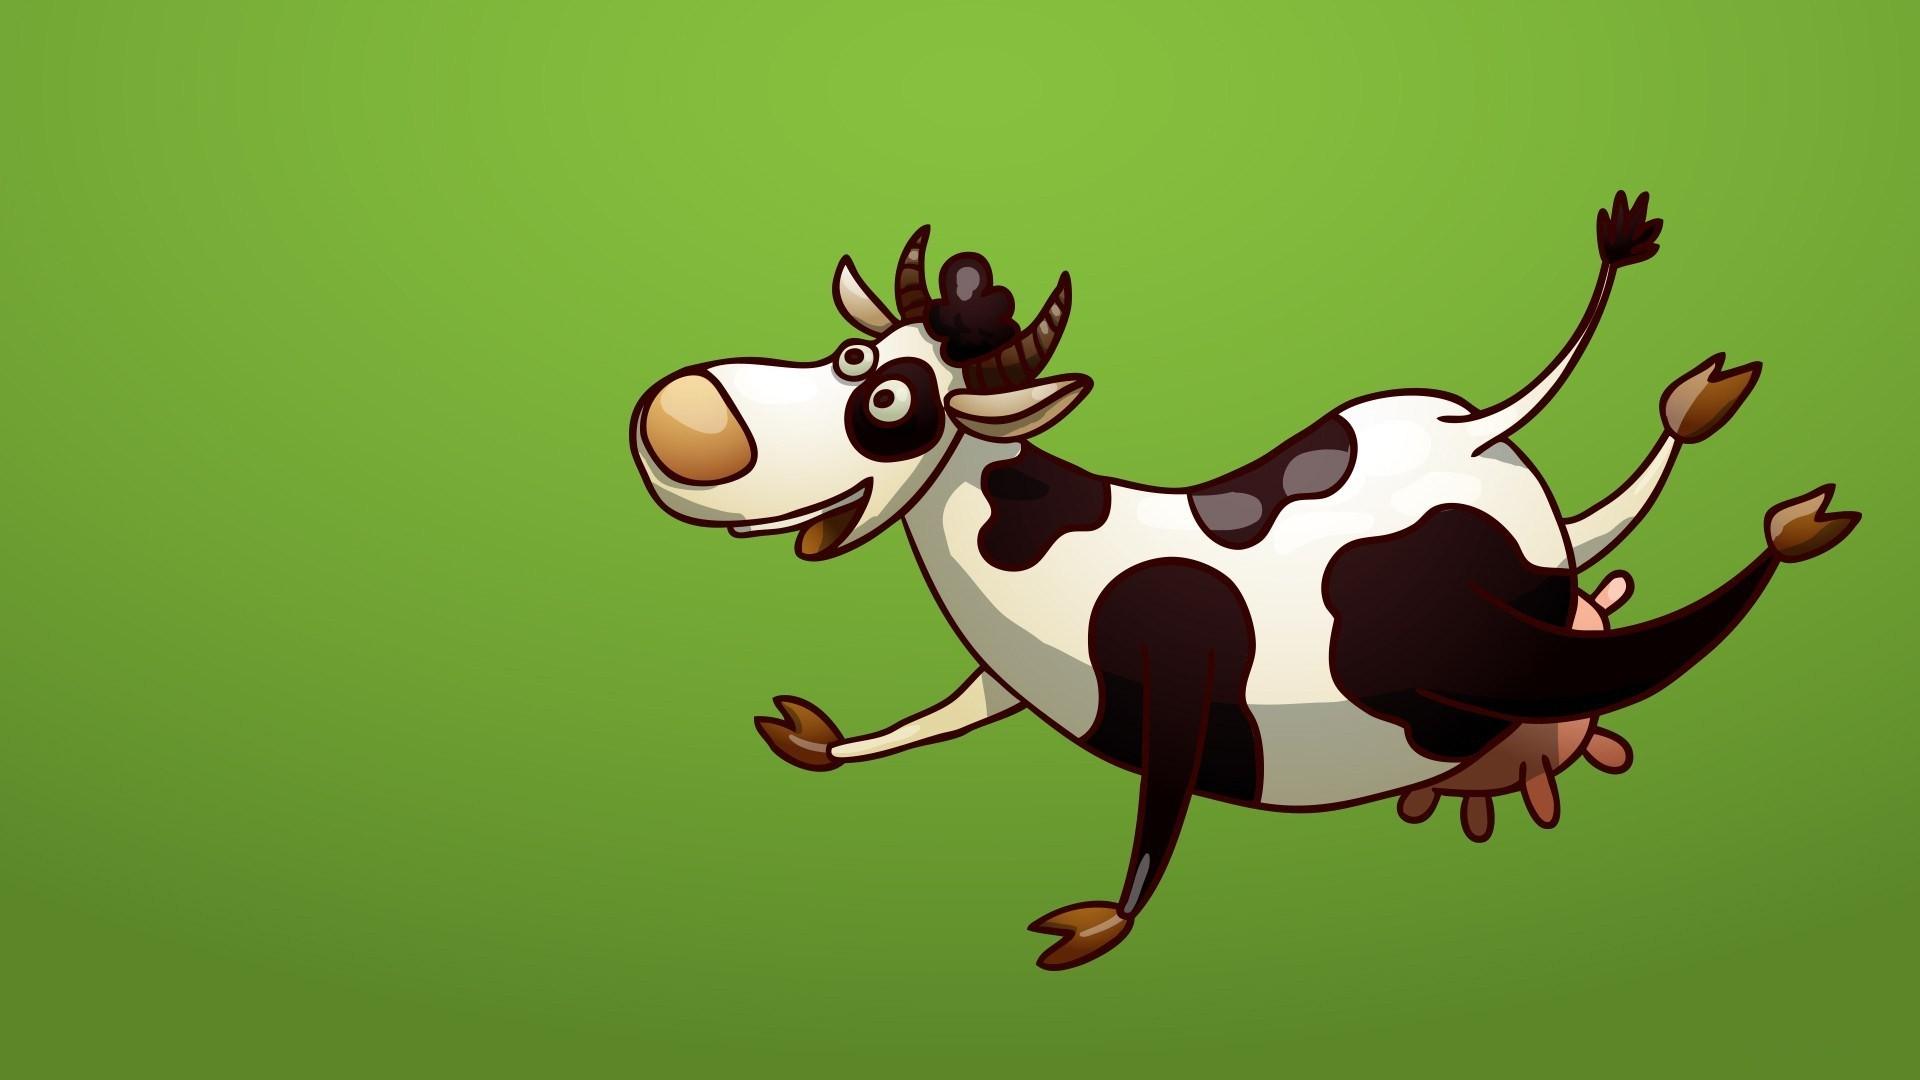 Нарисовать рисунок животного смешного, картинки новый